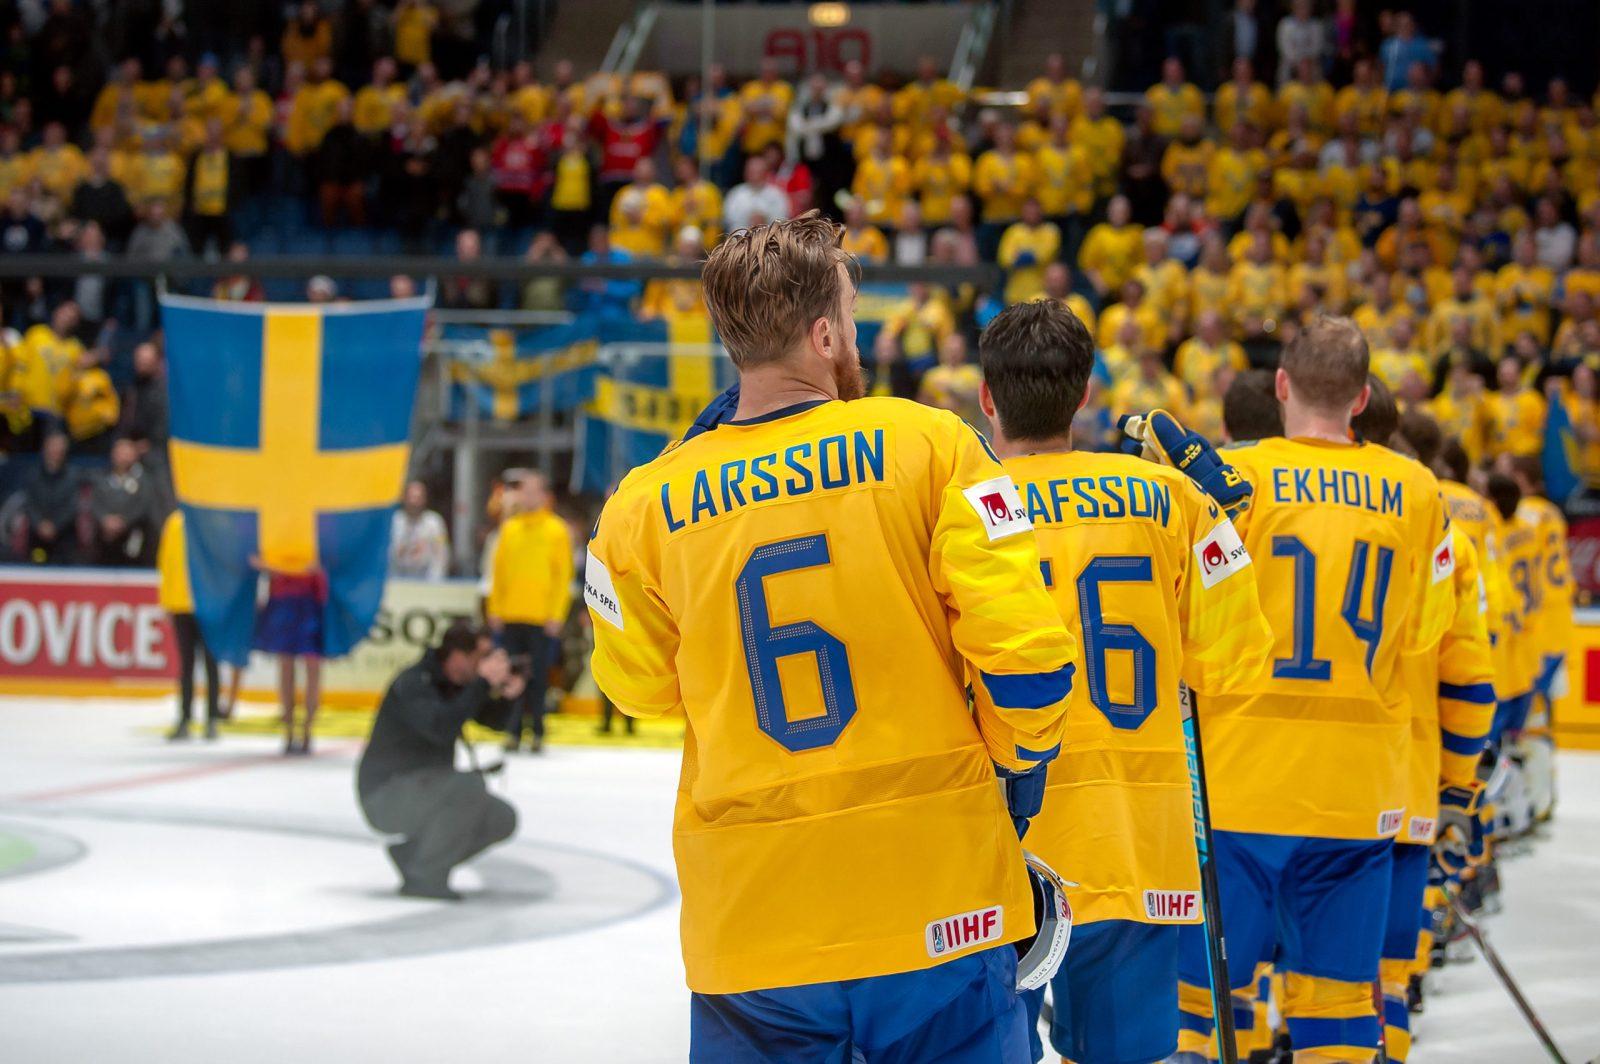 UNDERSÖKNING: Ska Hockey-VM verkligen spelas varje år?